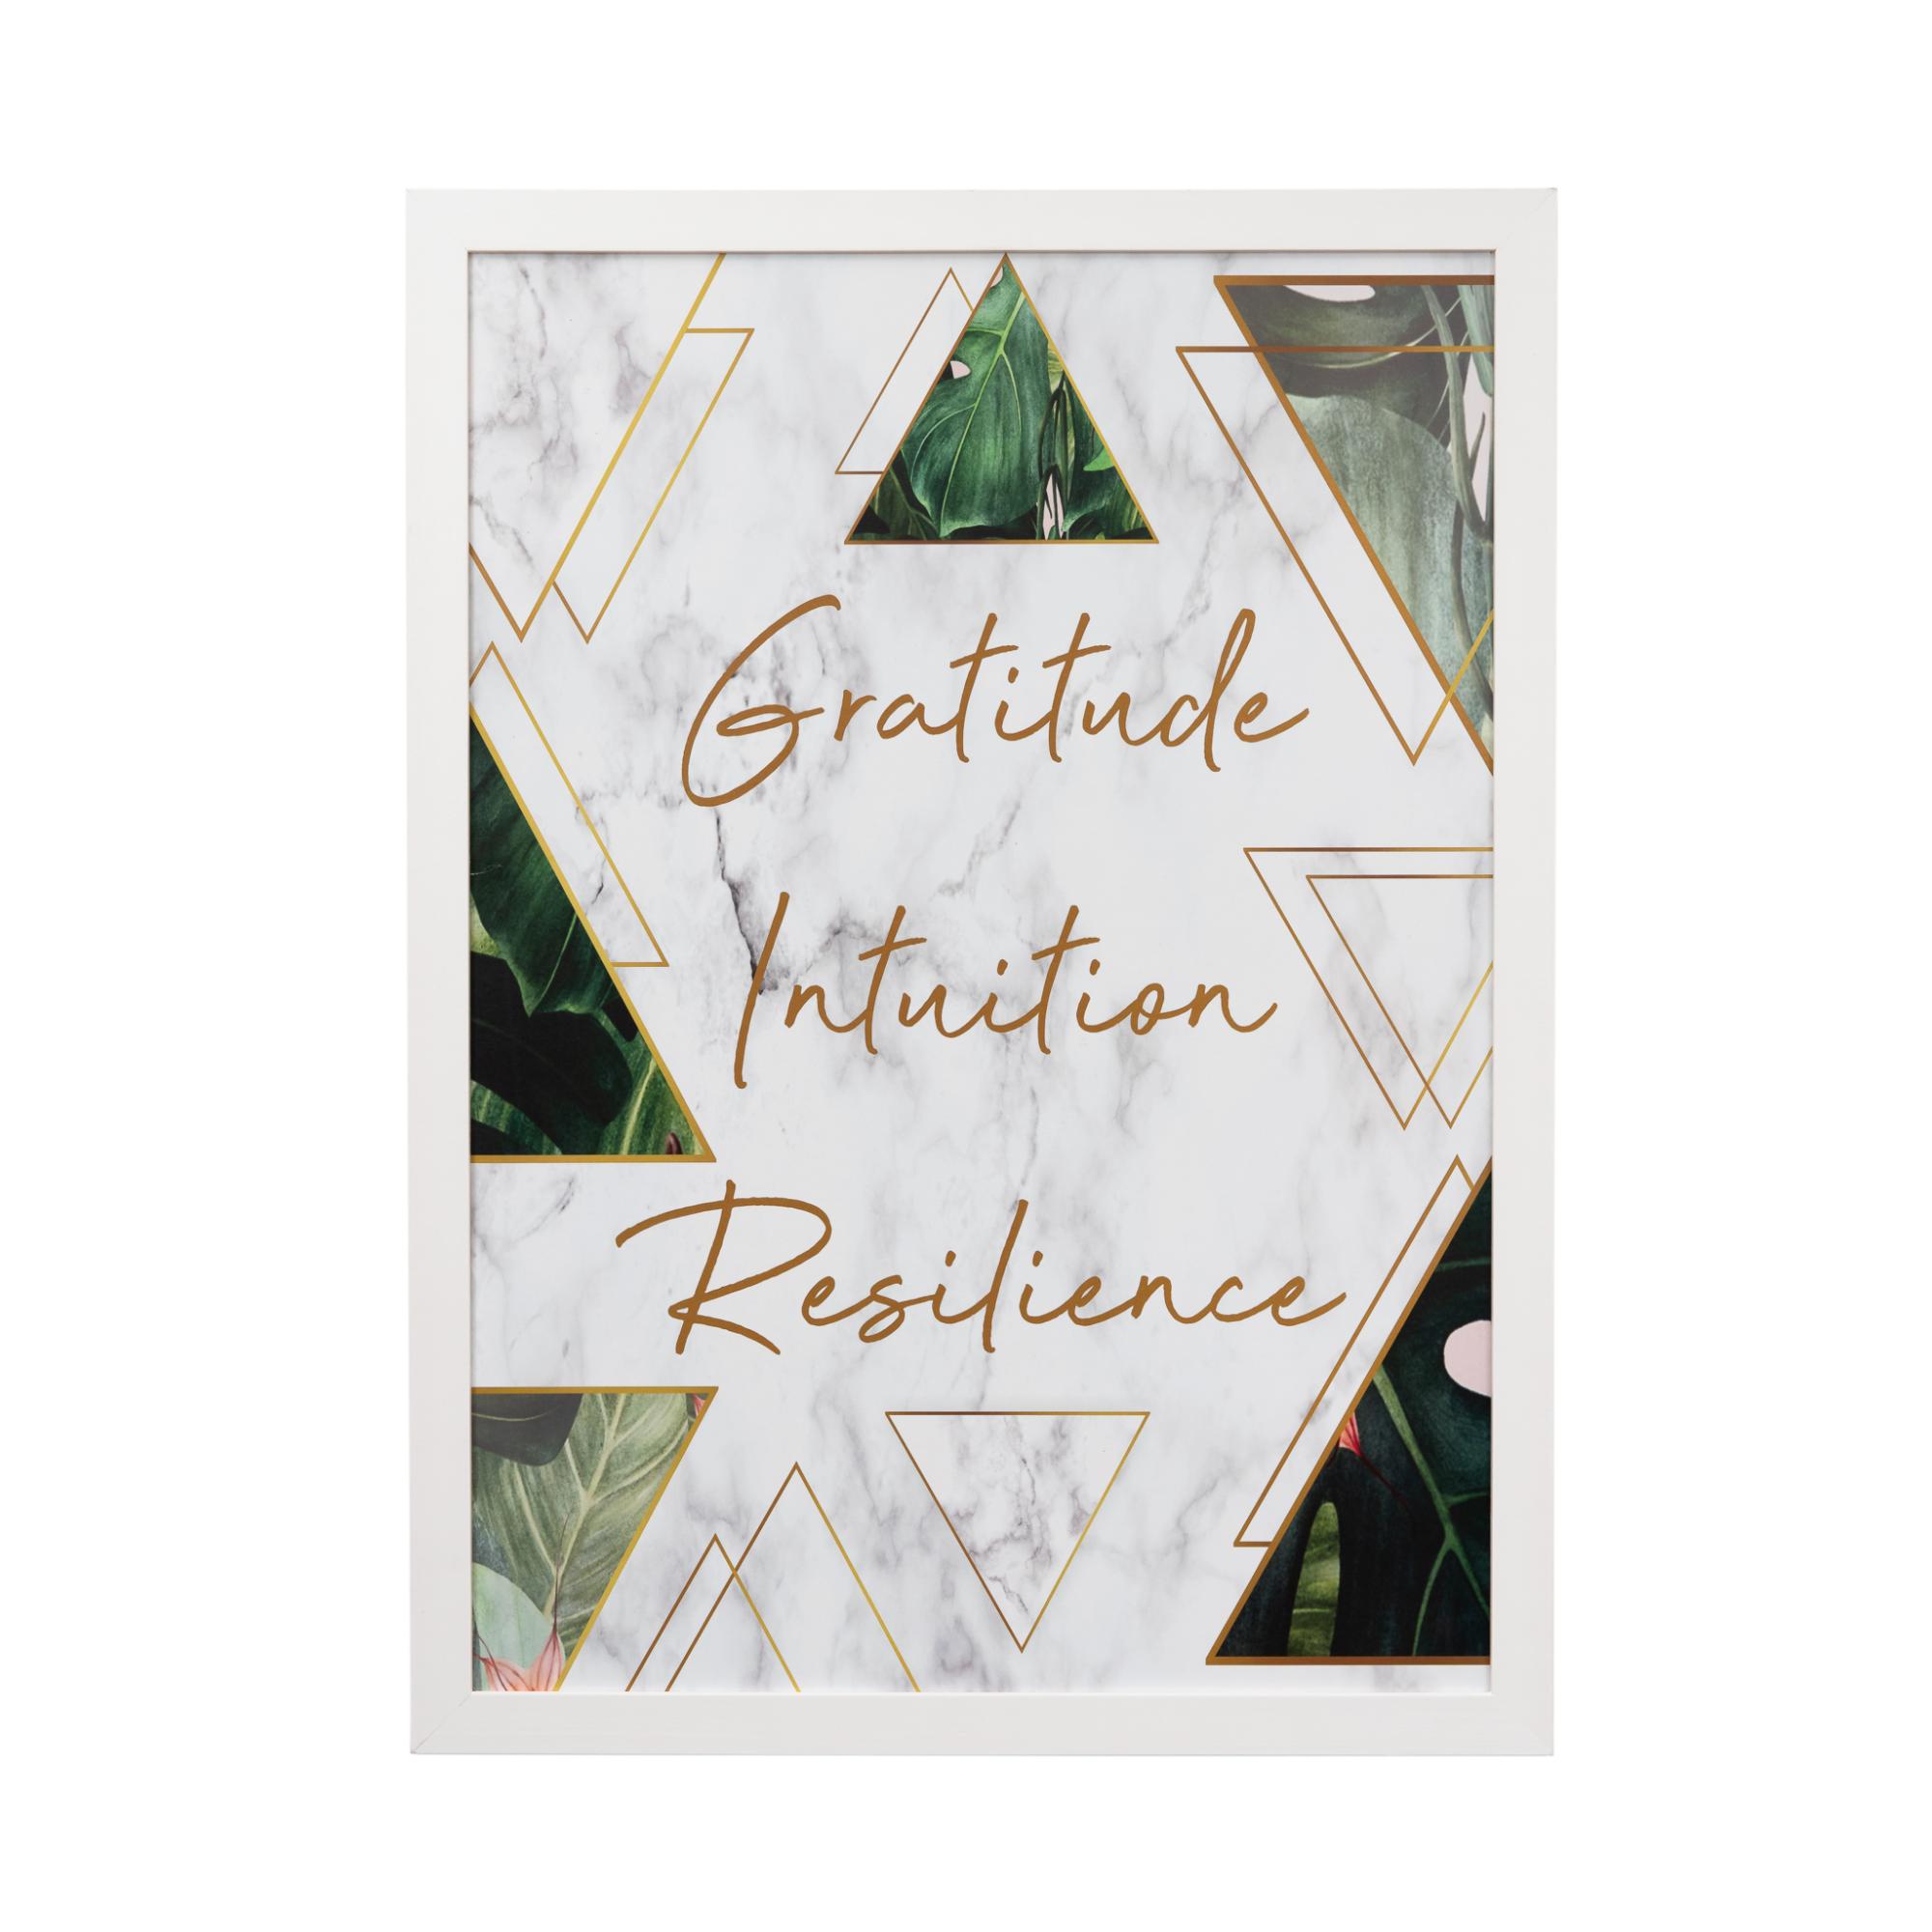 Quadro Decorativo 50x70cm Gratitude - Art Frame